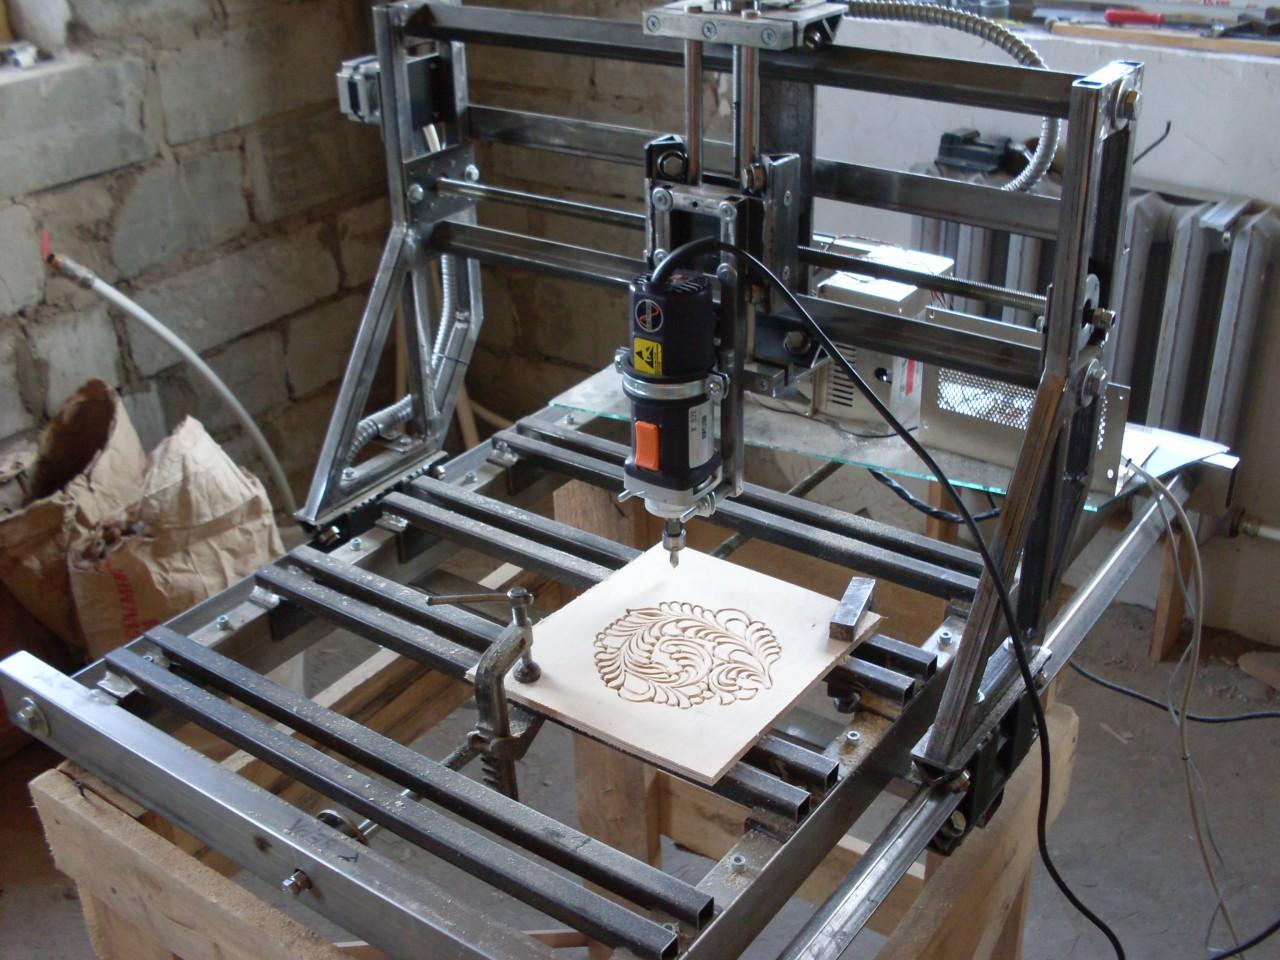 ЧПУ (Англ.  CNC) - станок с числовым программным управлением, используют для 3D фрезеровки печатных плат...